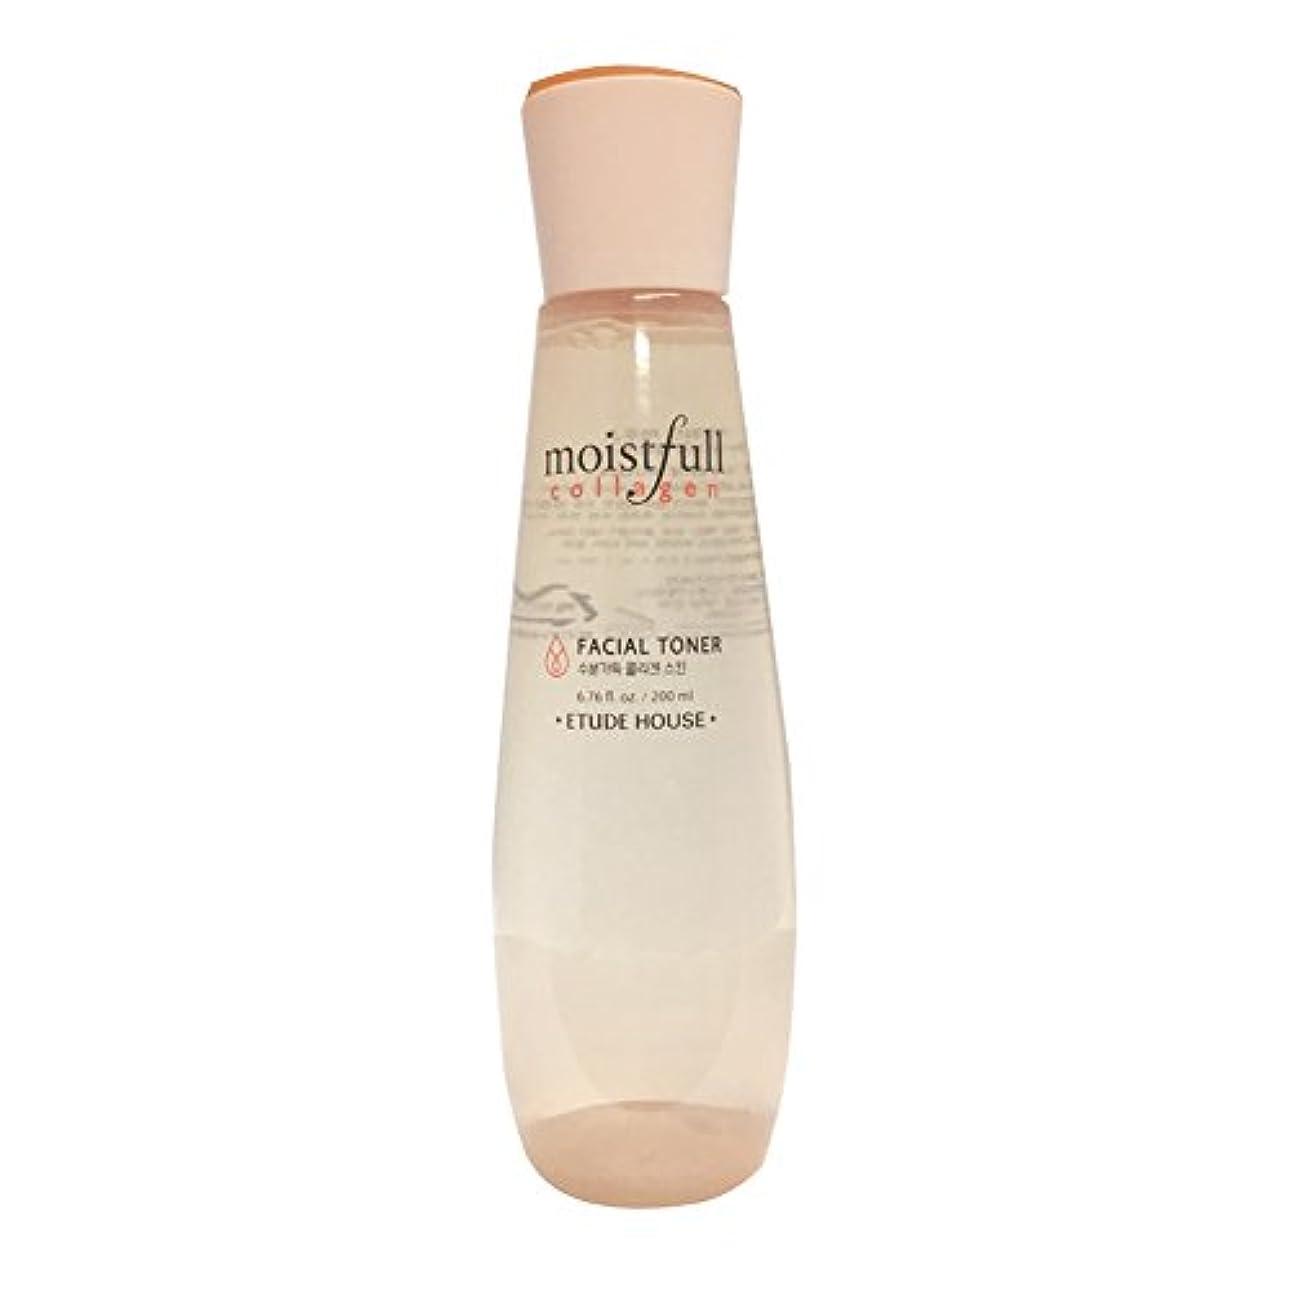 関係ない液化する努力エチュードハウス (ETUDE HOUSE) モイストフル コラーゲン スキン (moistfull collagen FACIAL TONER) [化粧水 200ml] [並行輸入品]